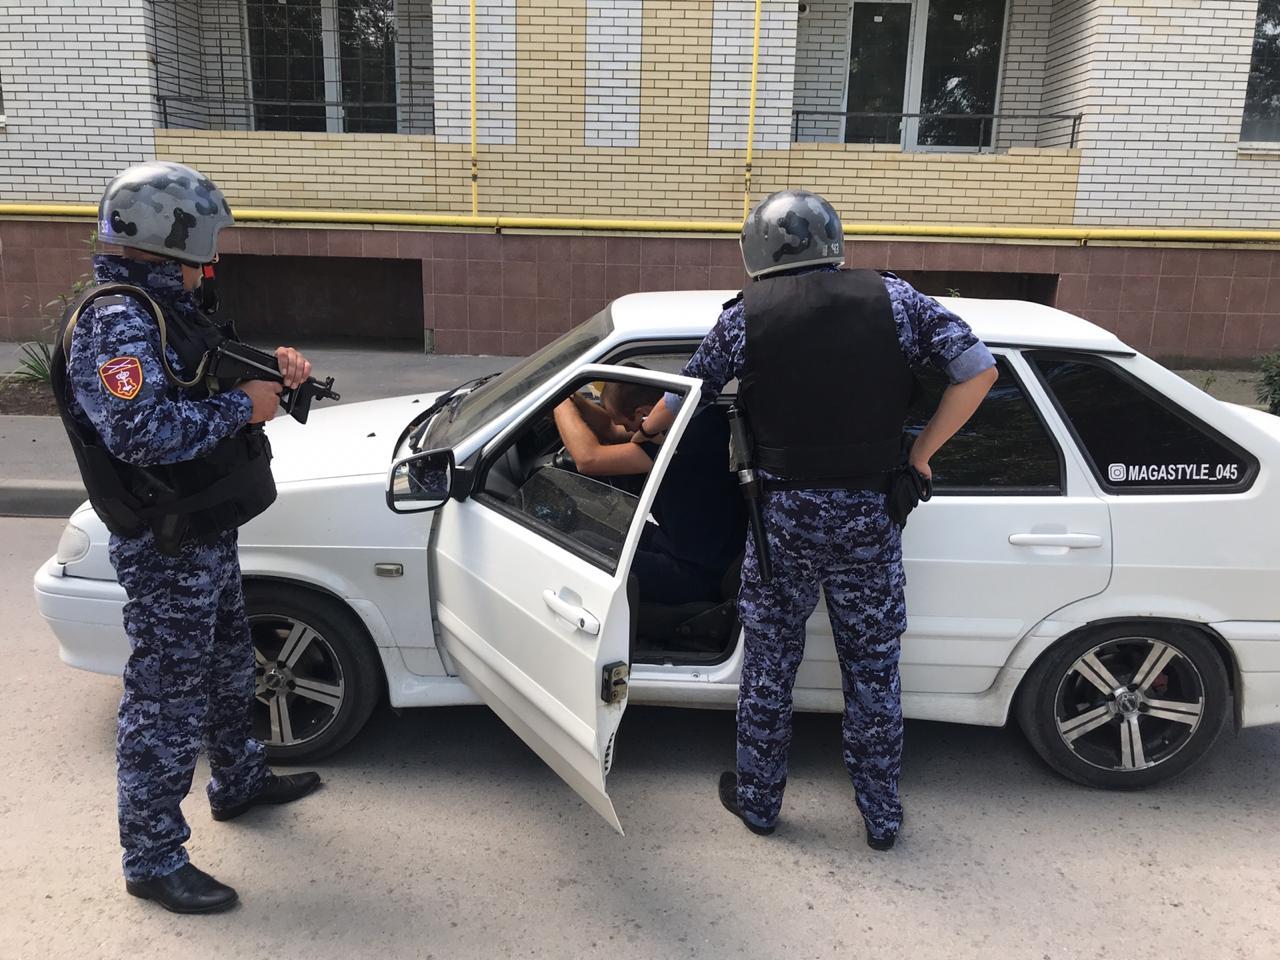 В Таганроге наряд вневедомственной охраны задержал пьяного водителя